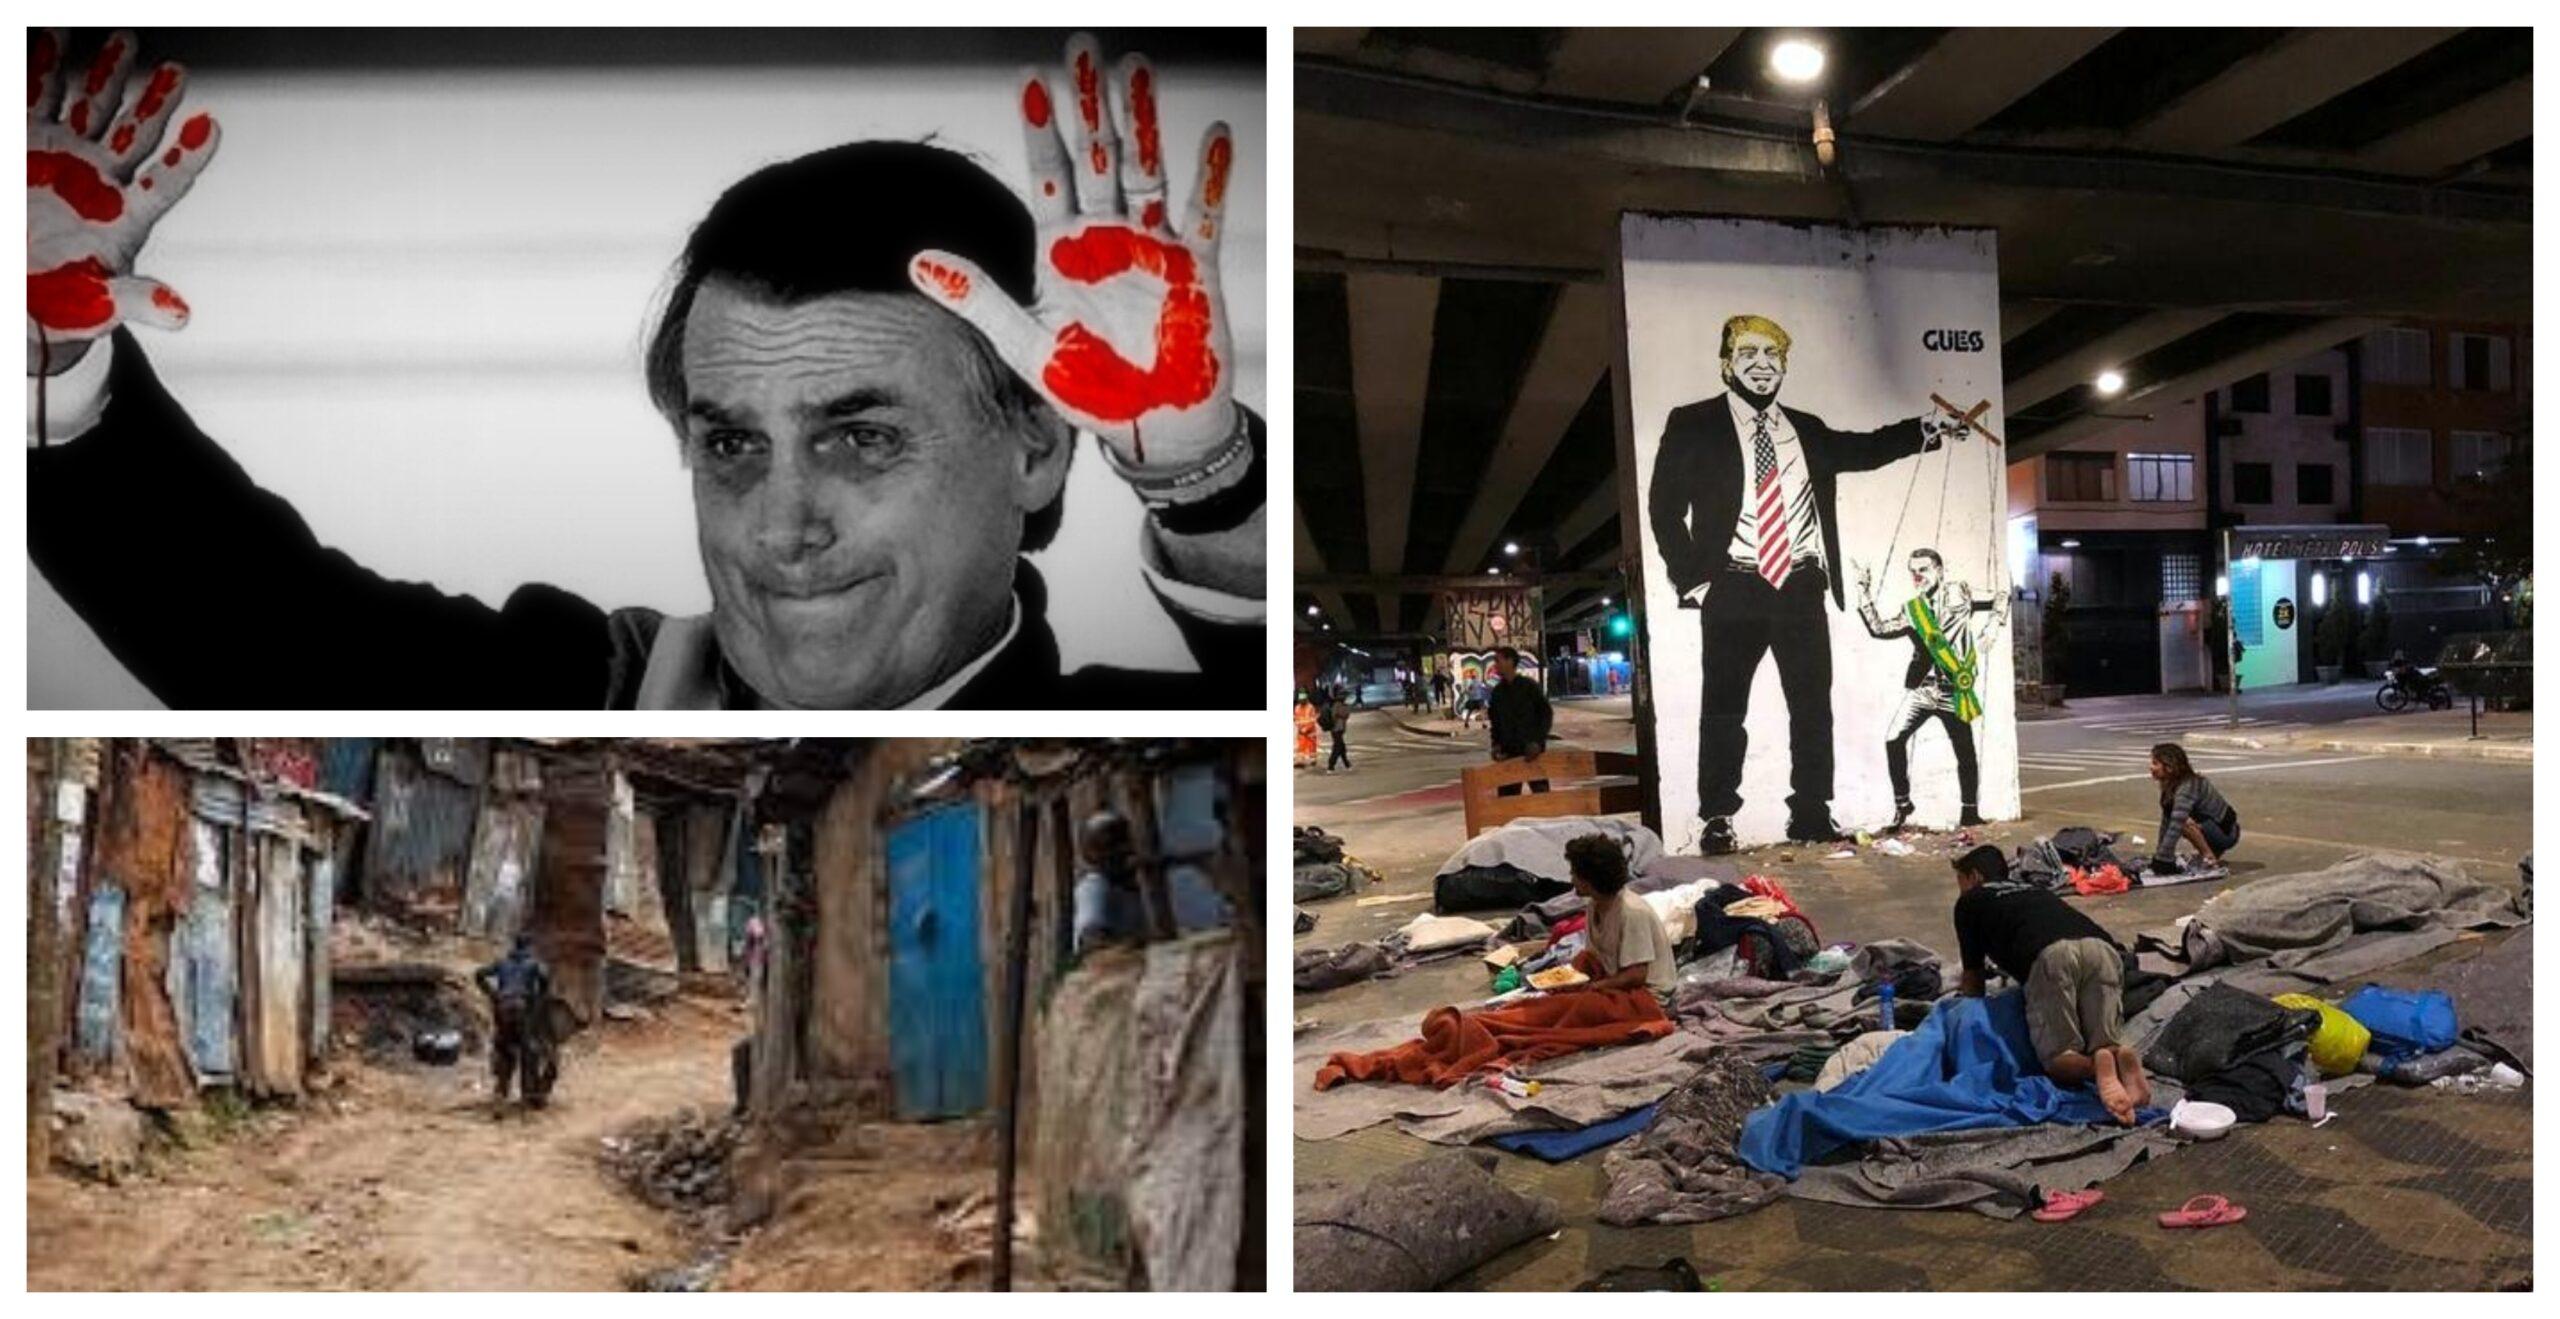 Eliara Santana: Mil dias que abalaram a Nação. O Brasil nunca foi tão infeliz